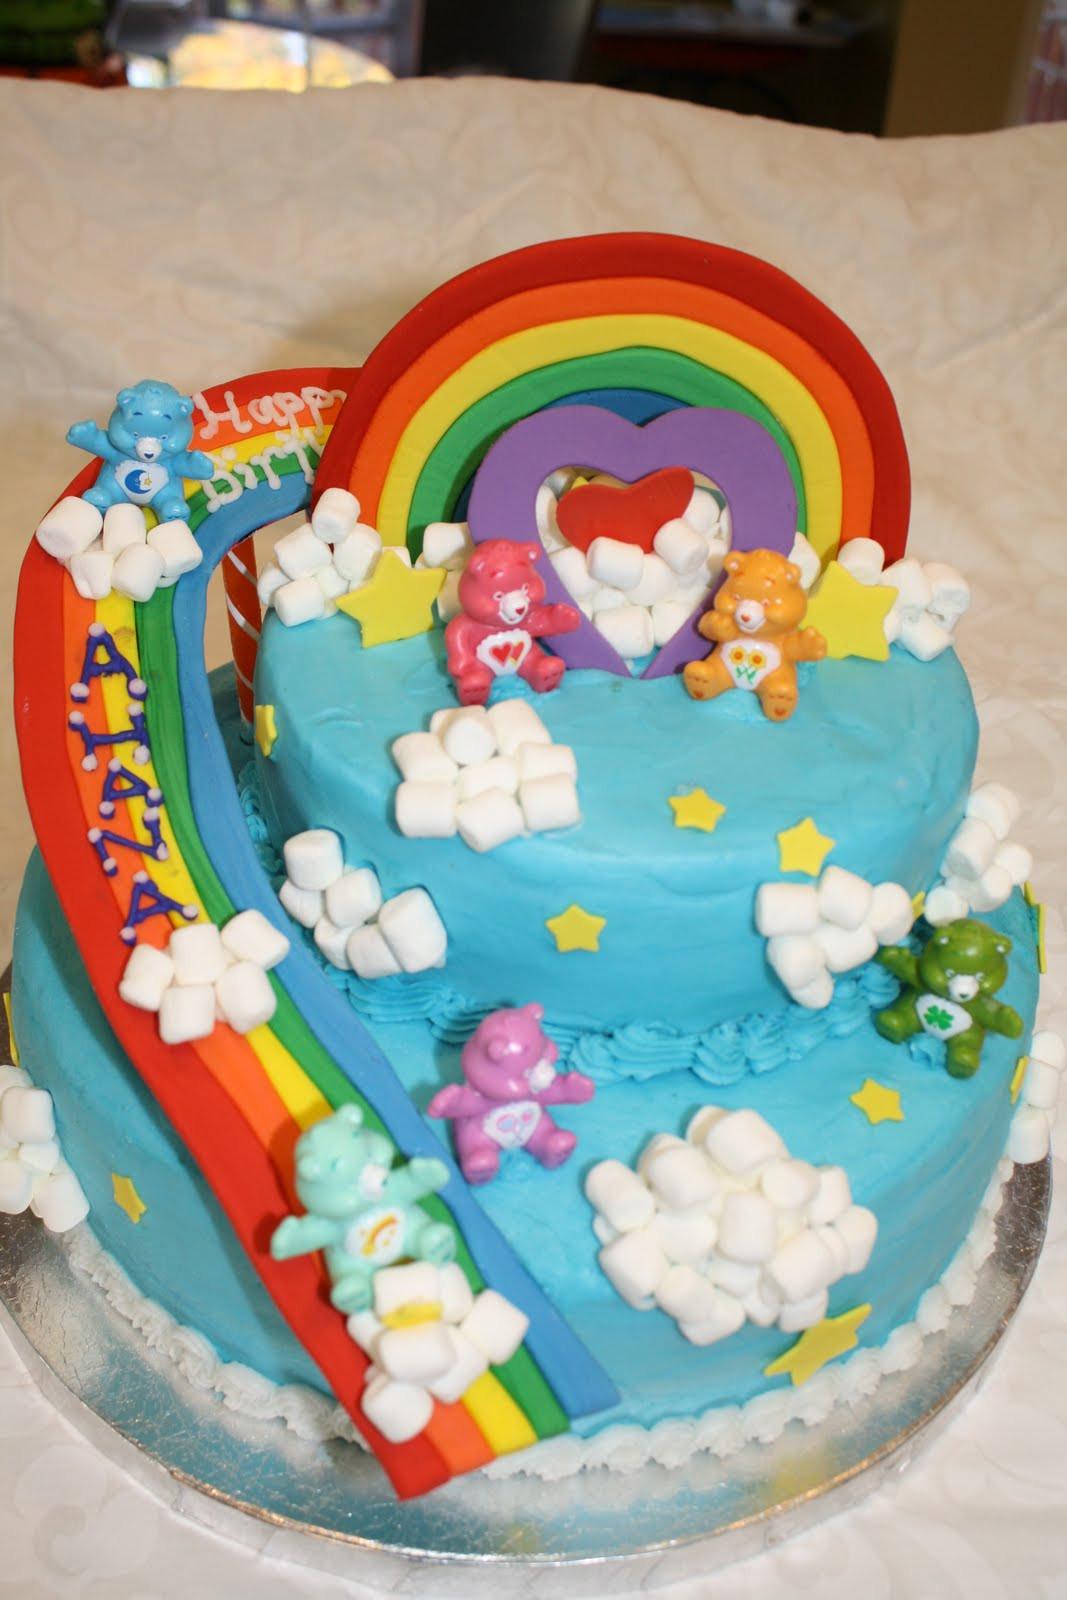 Bear Birthday Cake  Cakelicious Care Bears Birthday Cake